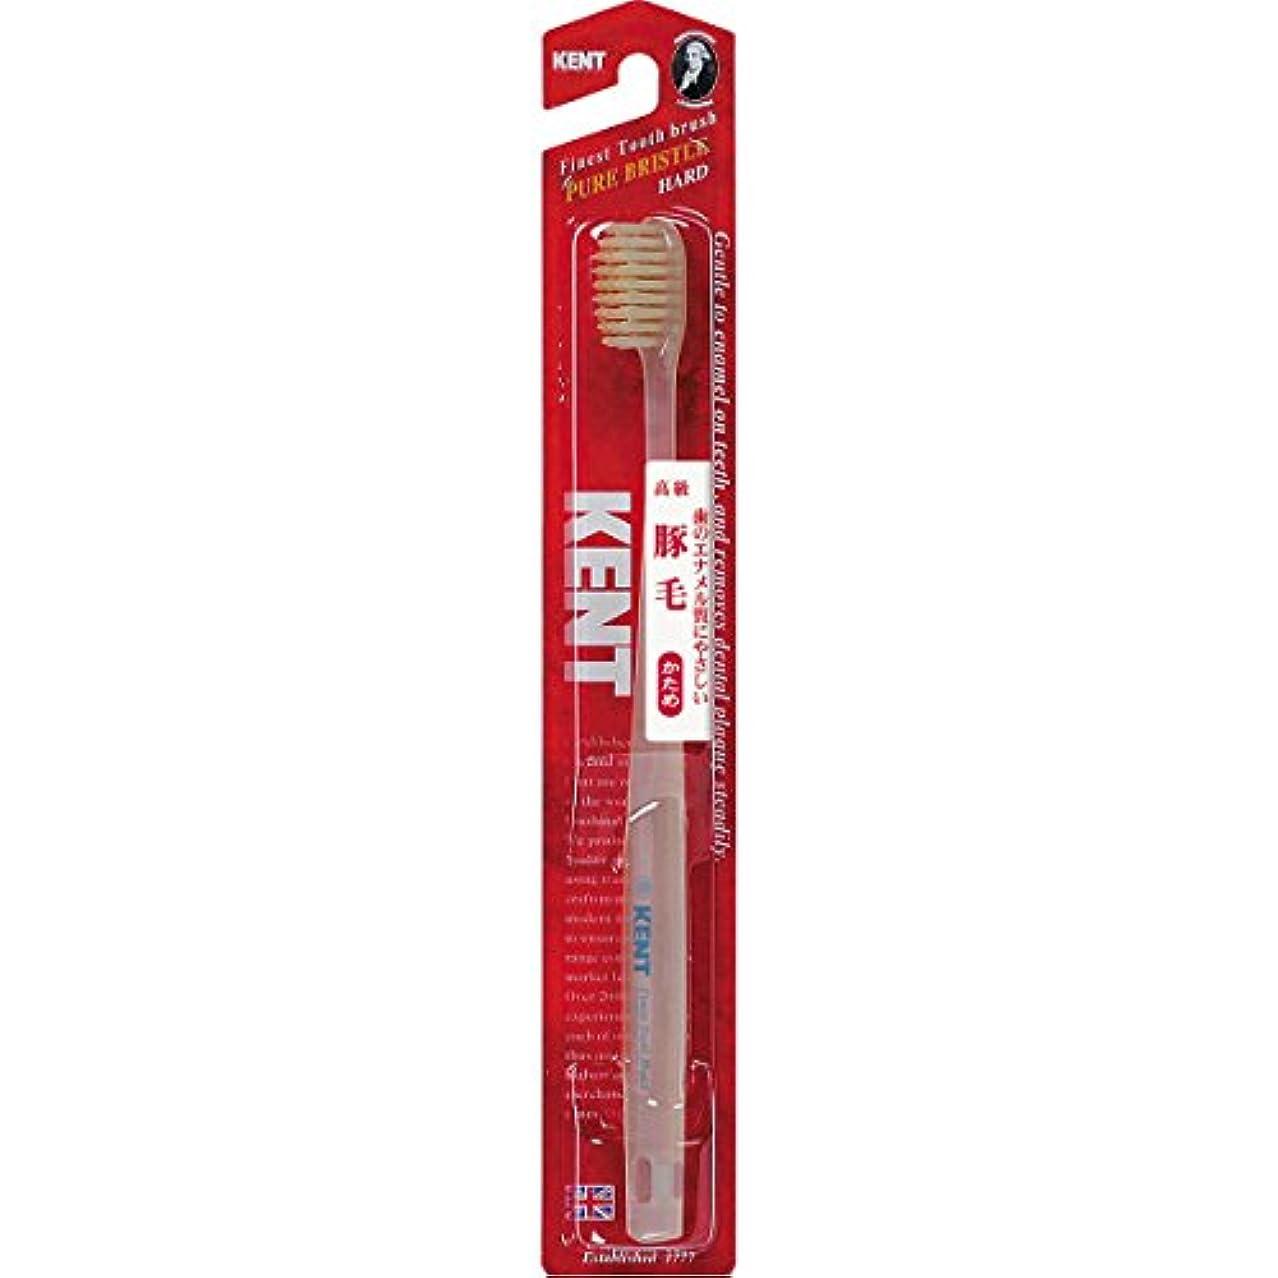 ベアリングサークル拒絶そばにKENTケント 豚毛歯ブラシ 毛の硬さ:かため KNT-1333 6本セット